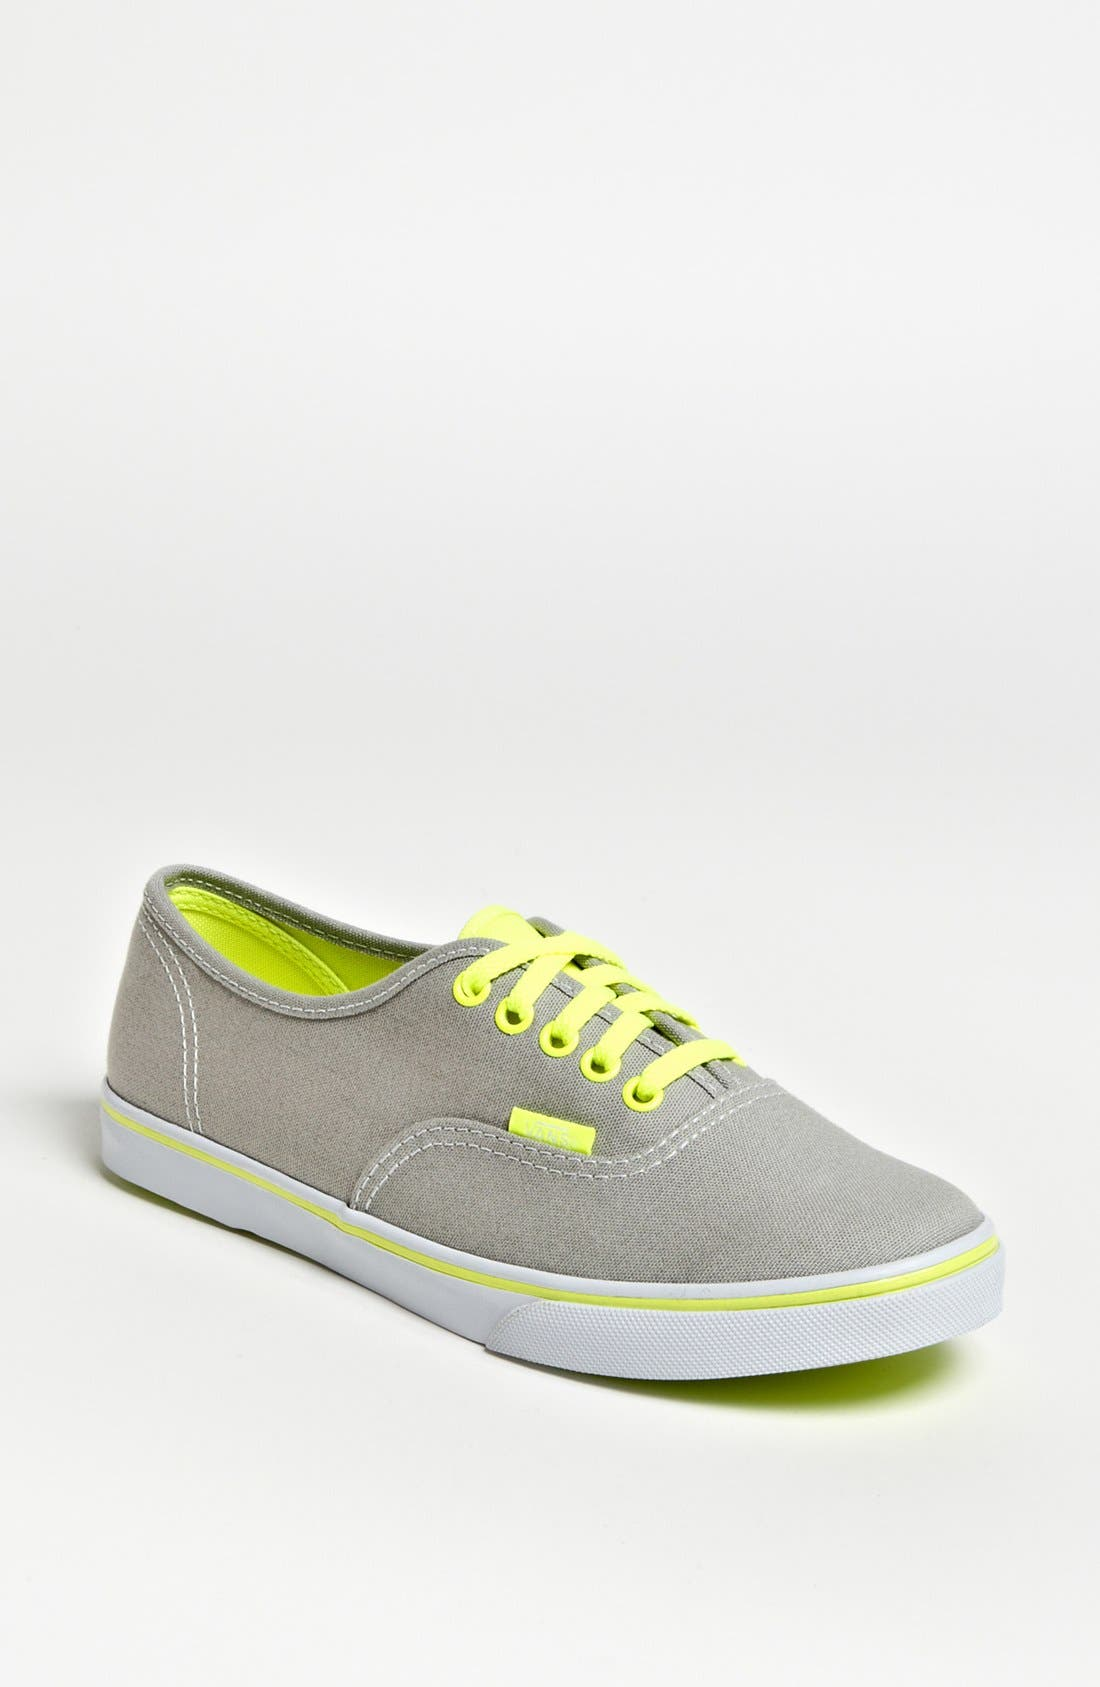 Alternate Image 1 Selected - Vans 'Authentic Lo Pro - Neon' Sneaker (Women)